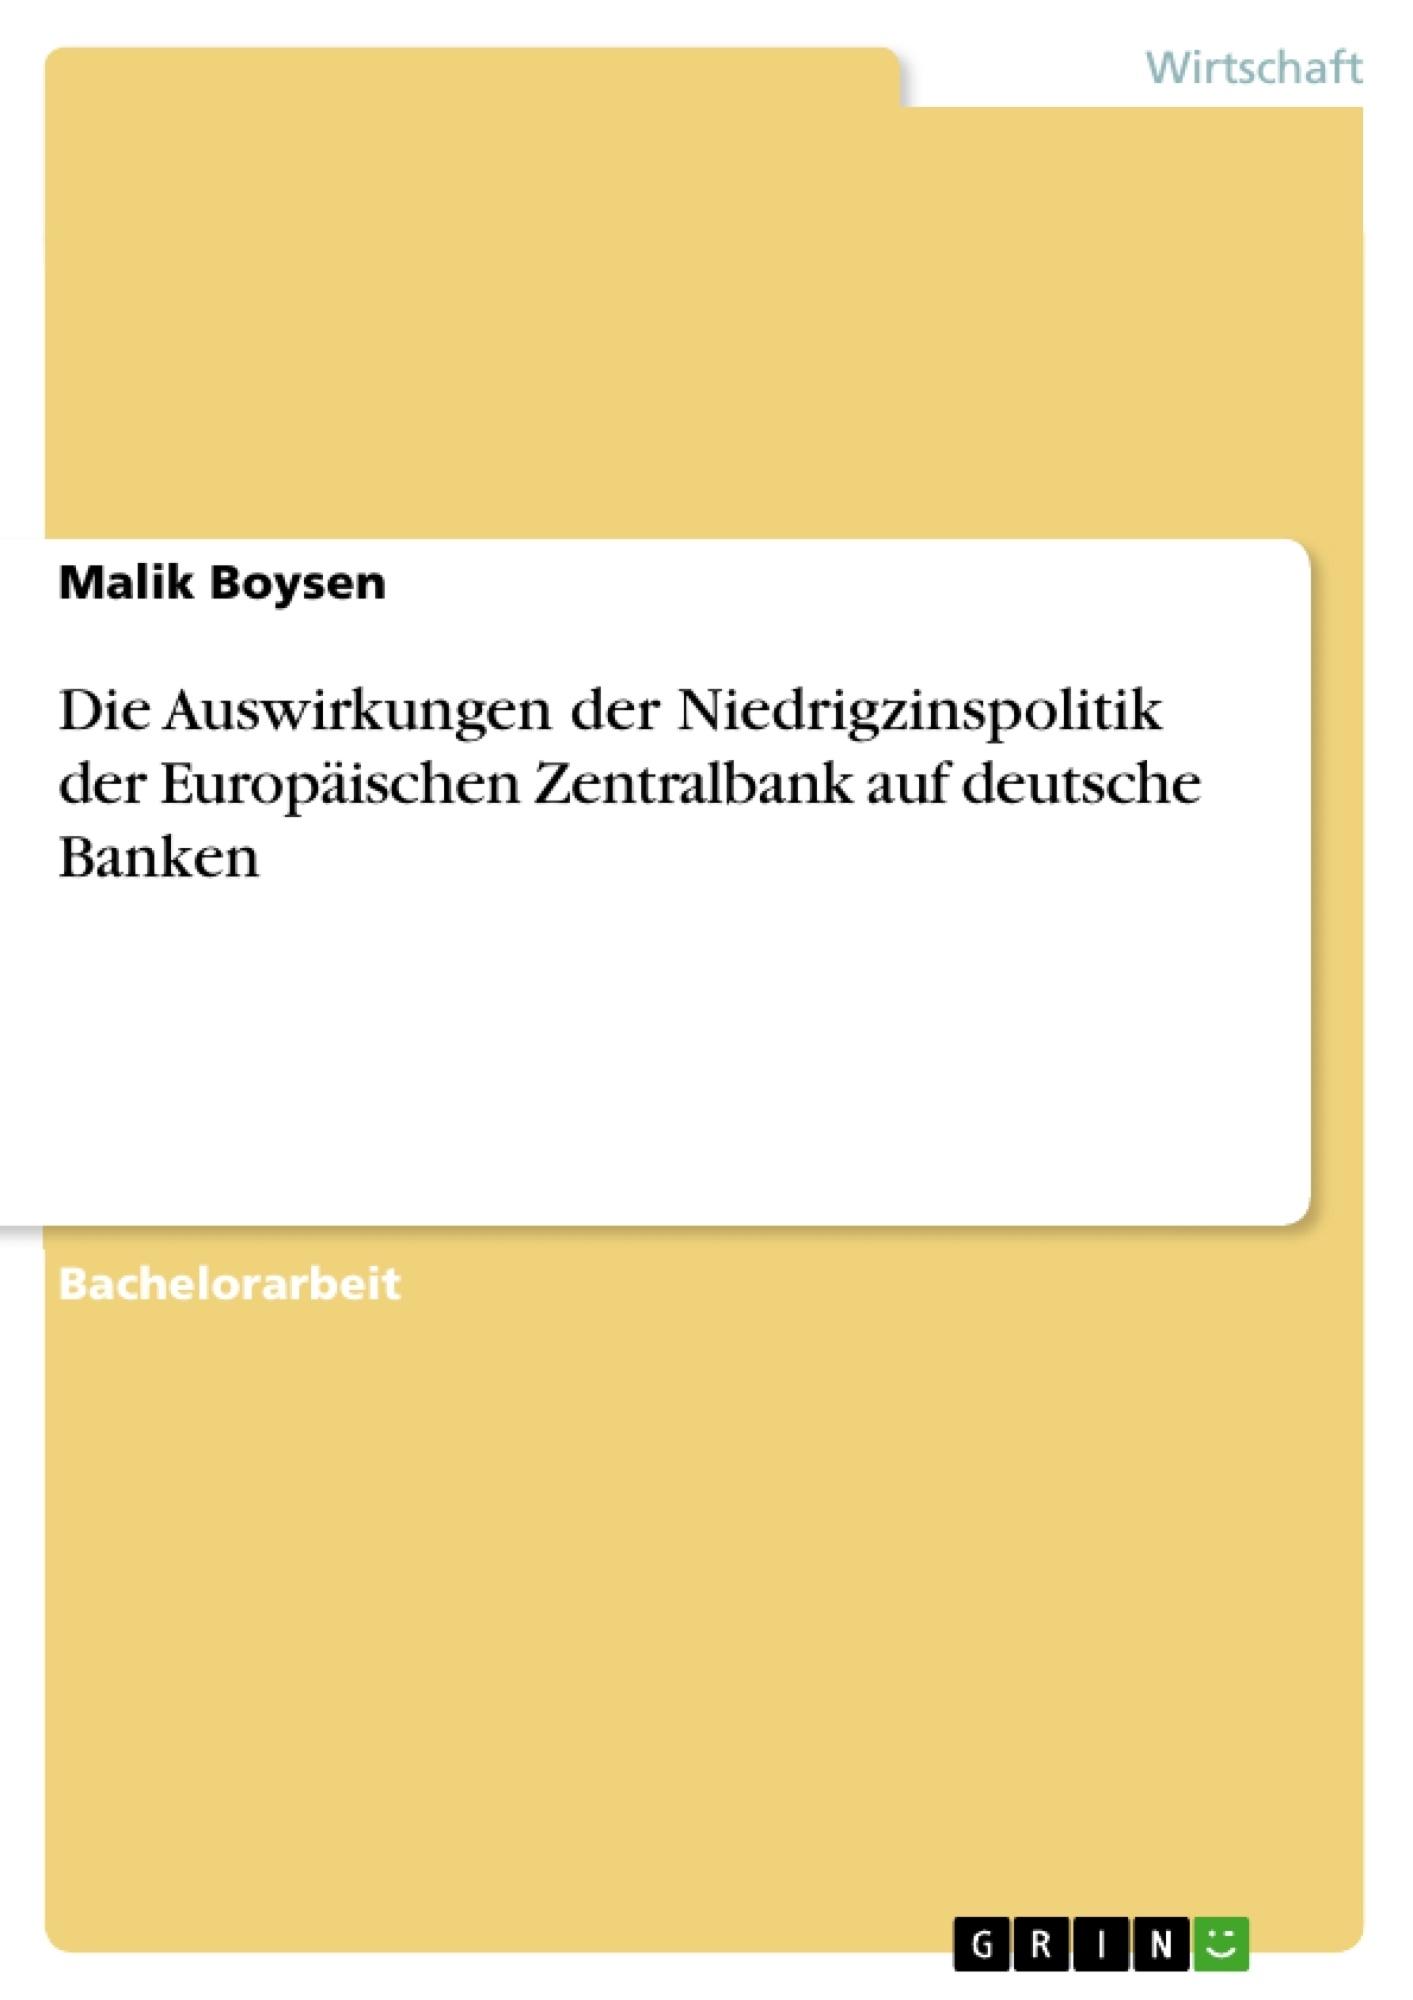 Titel: Die Auswirkungen der Niedrigzinspolitik der Europäischen Zentralbank auf deutsche Banken